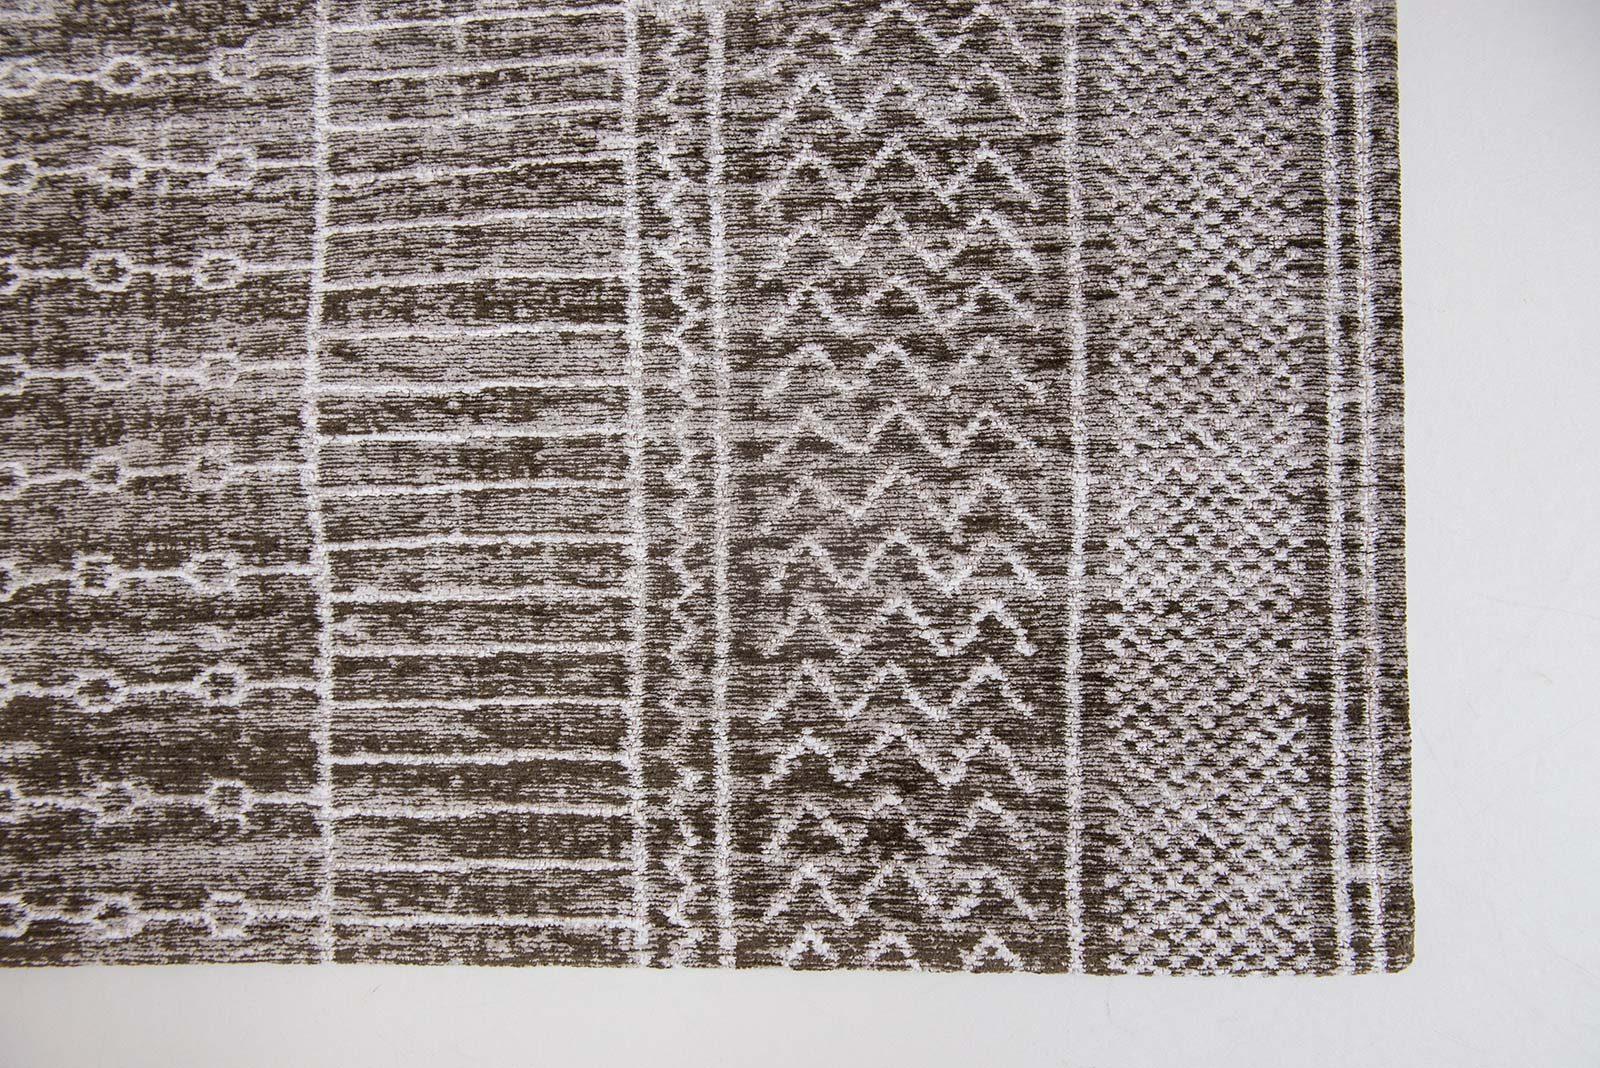 rugs Louis De Poortere LX8677 Wadisands corner